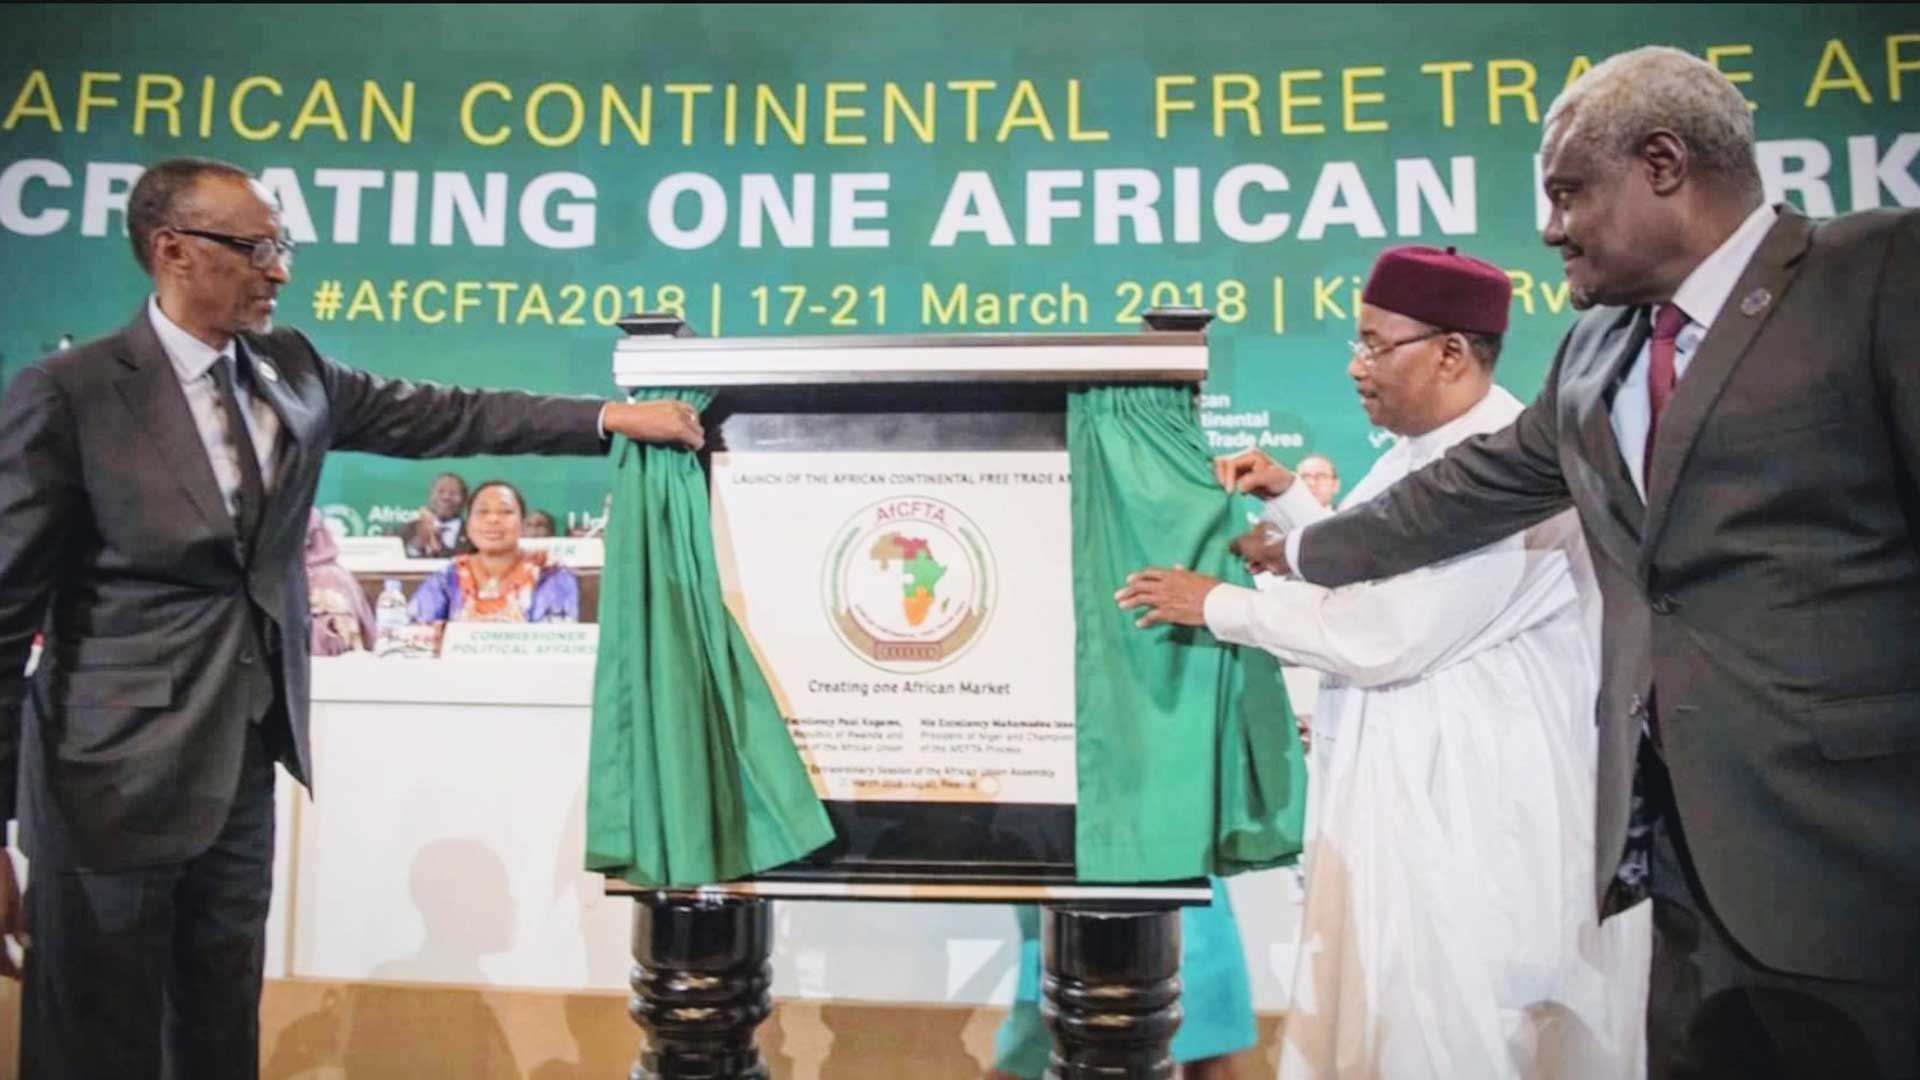 Africa treaties